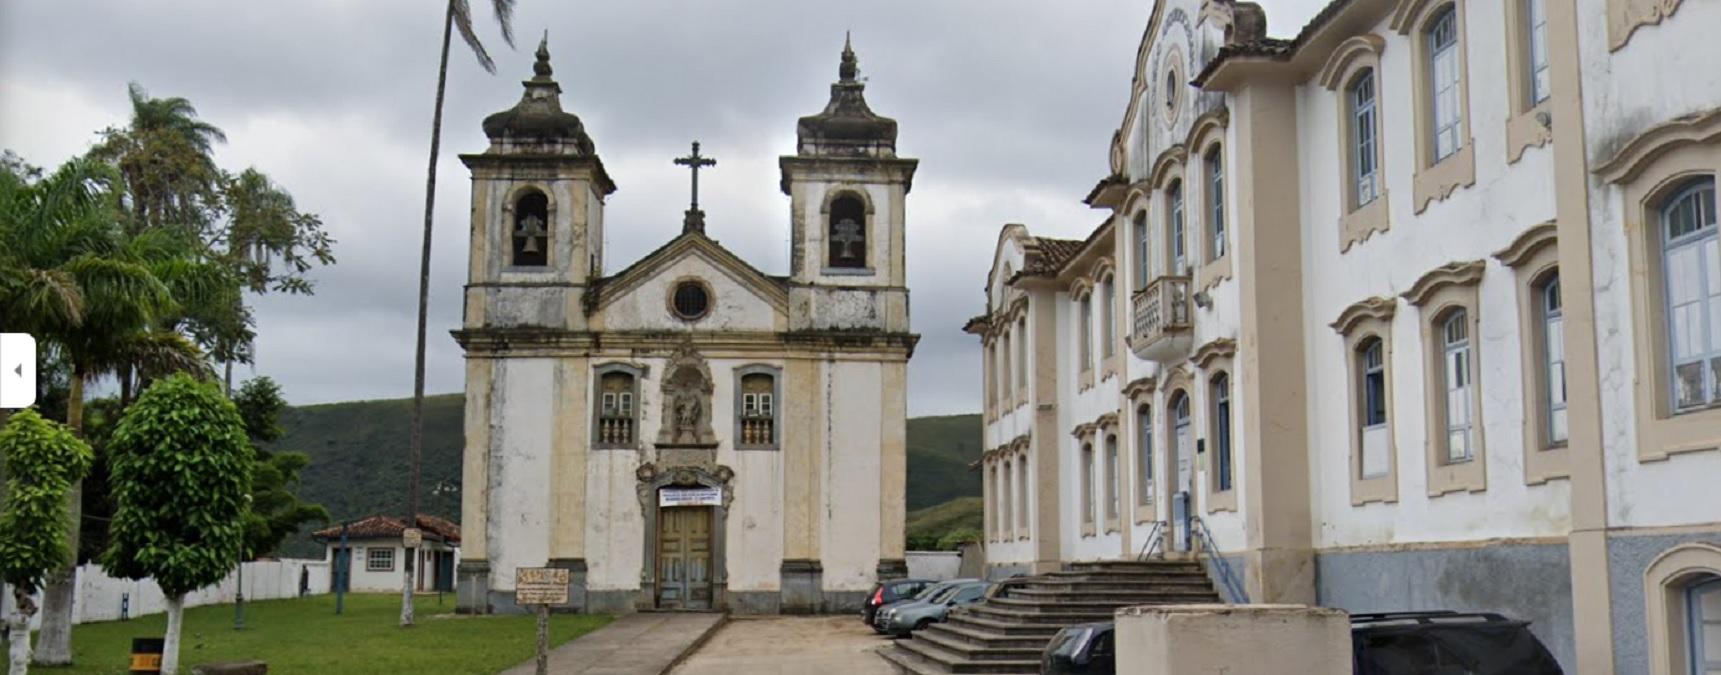 Fechada há sete anos, Capela do Bom Jesus de Matosinhos, de Ouro Preto, tem risco de cair o telhado